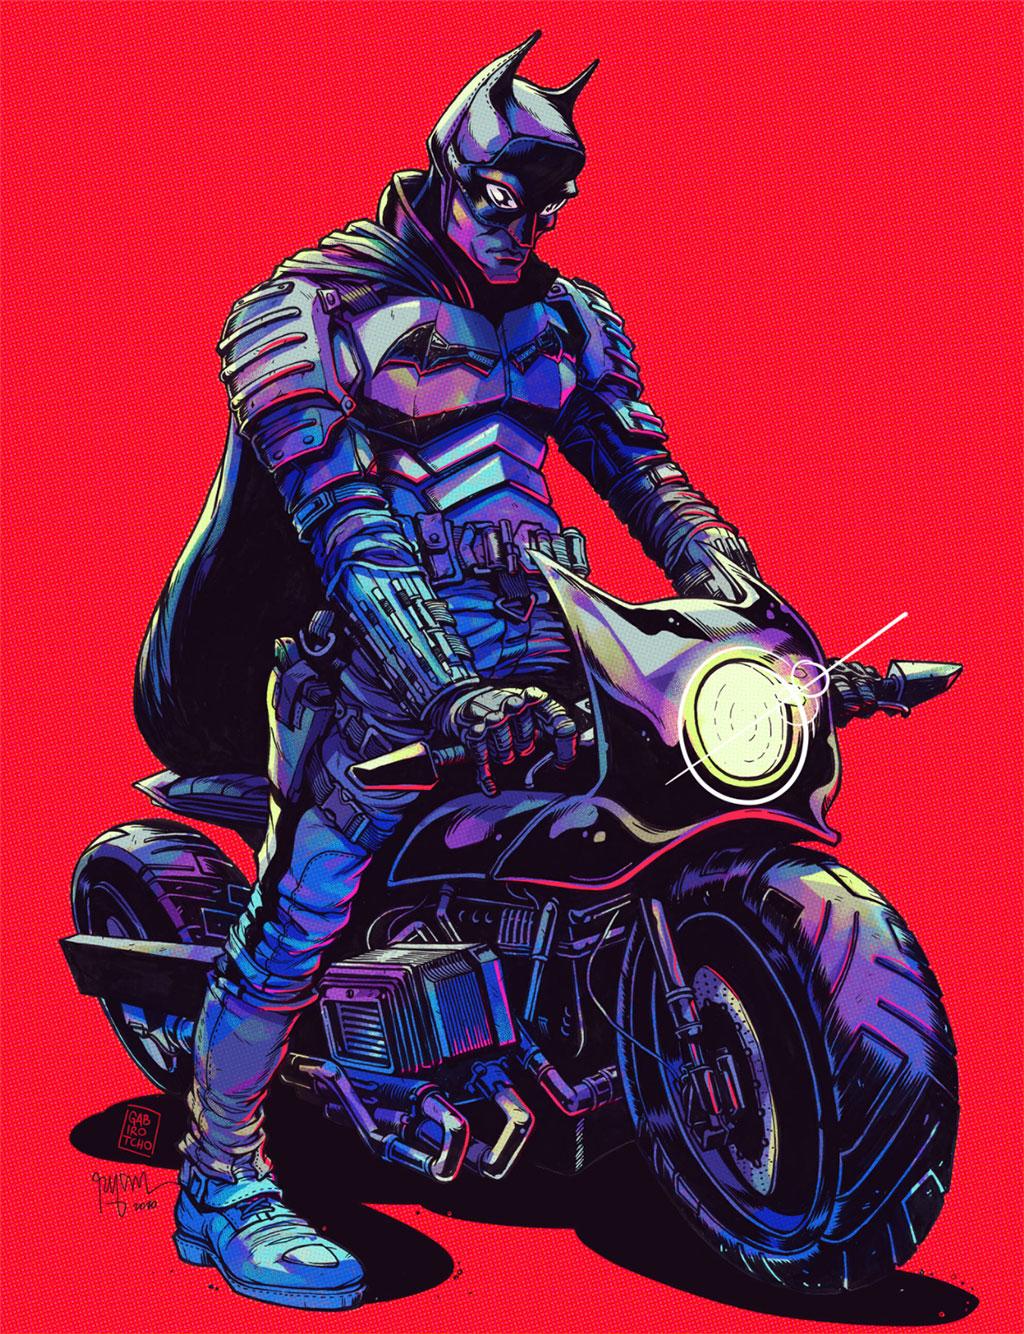 Batman Fan Art by Ryan Smallman